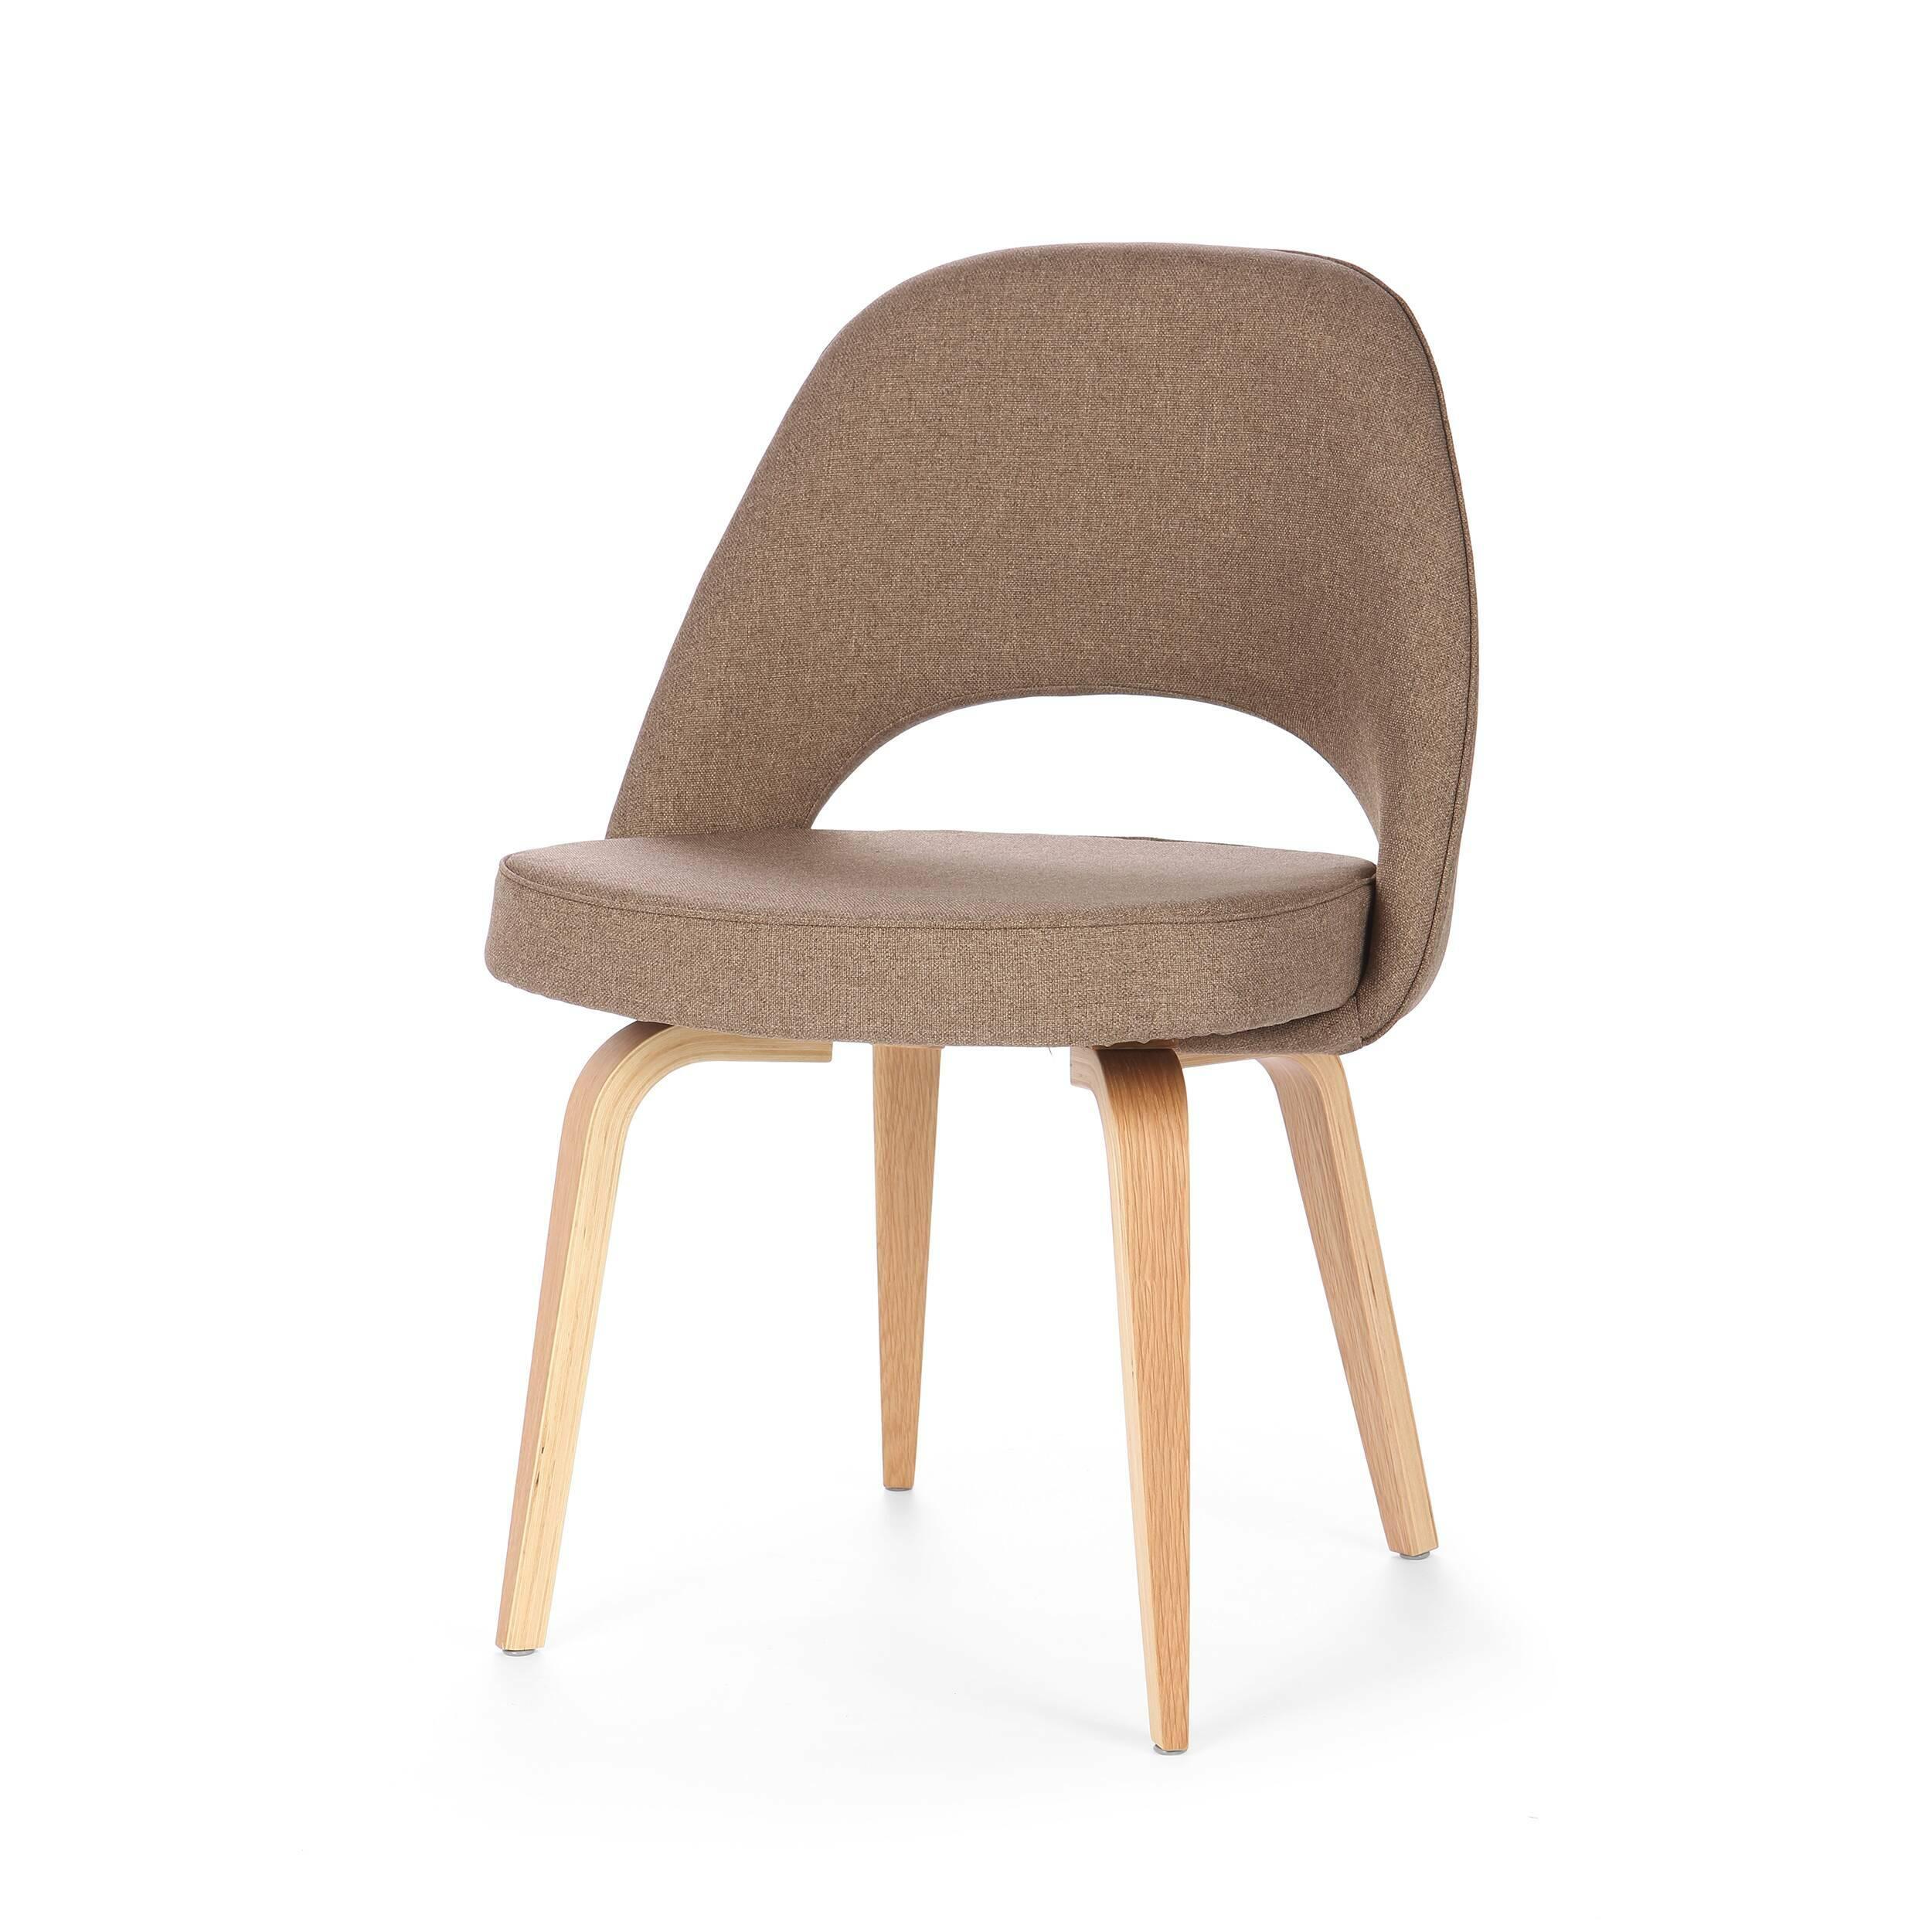 Кресло Side 1Интерьерные<br>Модель кресла Side 1 от известного дизайнера Ээро Сааринена, разработанная в середине XX века, не потеряла своей актуальности и сейчас. Ээро был не только дизайнером, но и прекрасным архитектором, и именно поэтому все его изделия так продуманы и адаптированы для человека. Проекты великого мастера всегда отличаются своей эргономичностью, и кресло Side 1<br>не исключение. Изгибы и контуры изделия выполнены таким образом, что поддерживают тело во всех необходимых точках и придают ему оптималь...<br><br>stock: 0<br>Высота: 79<br>Высота сиденья: 46.5<br>Ширина: 56<br>Глубина: 52,5<br>Цвет ножек: Белый дуб<br>Материал ножек: Массив дуба<br>Материал сидения: Полиэстер<br>Цвет сидения: Светло-коричневый<br>Тип материала сидения: Ткань<br>Коллекция ткани: Gabriel Fabric<br>Тип материала ножек: Дерево